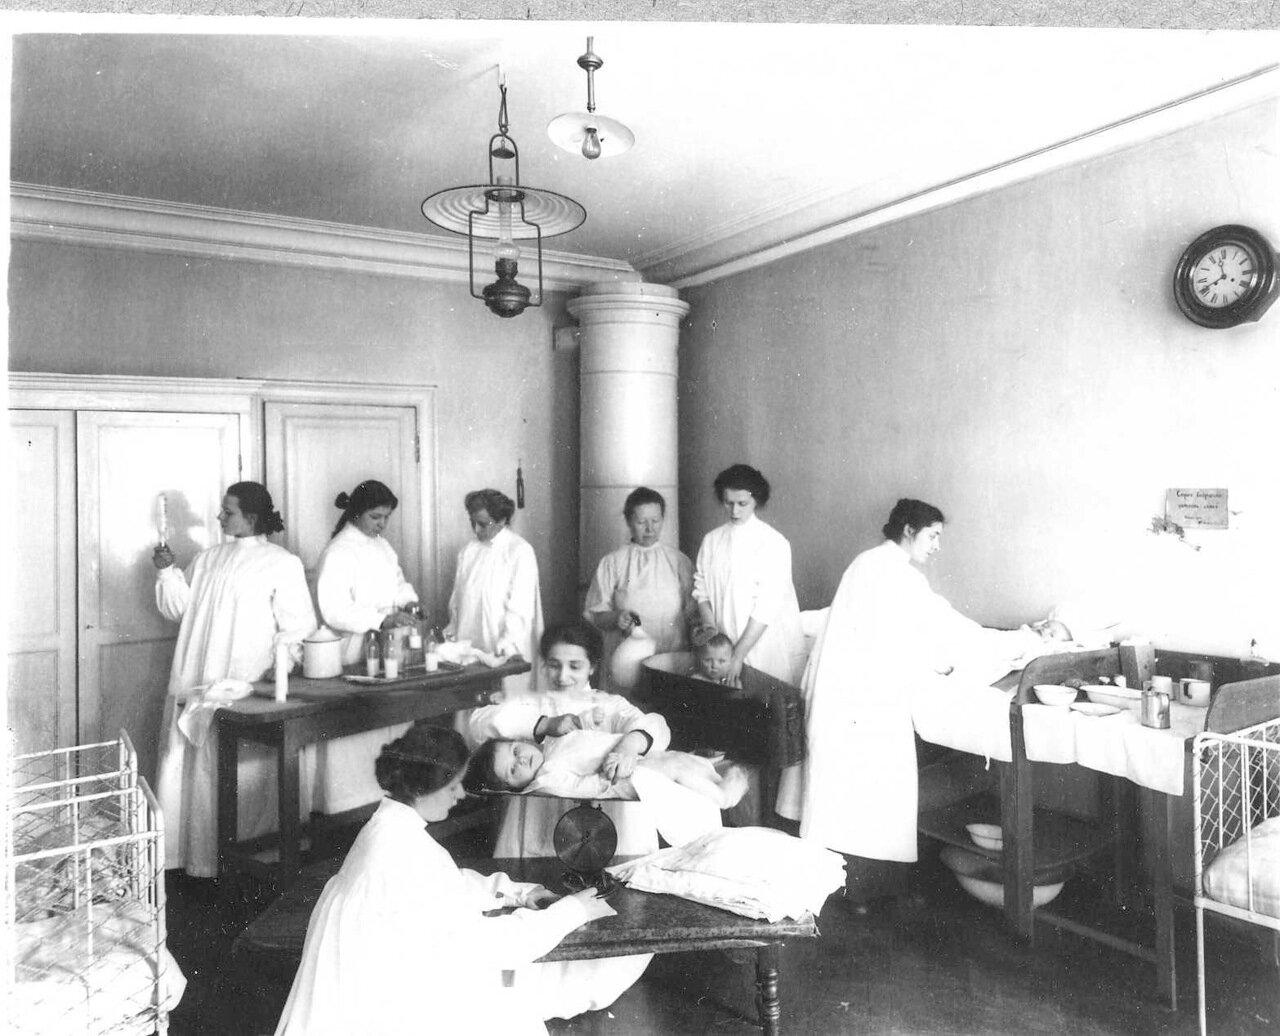 68. Санитарная обработка детей при поступлении в клинику. 1913